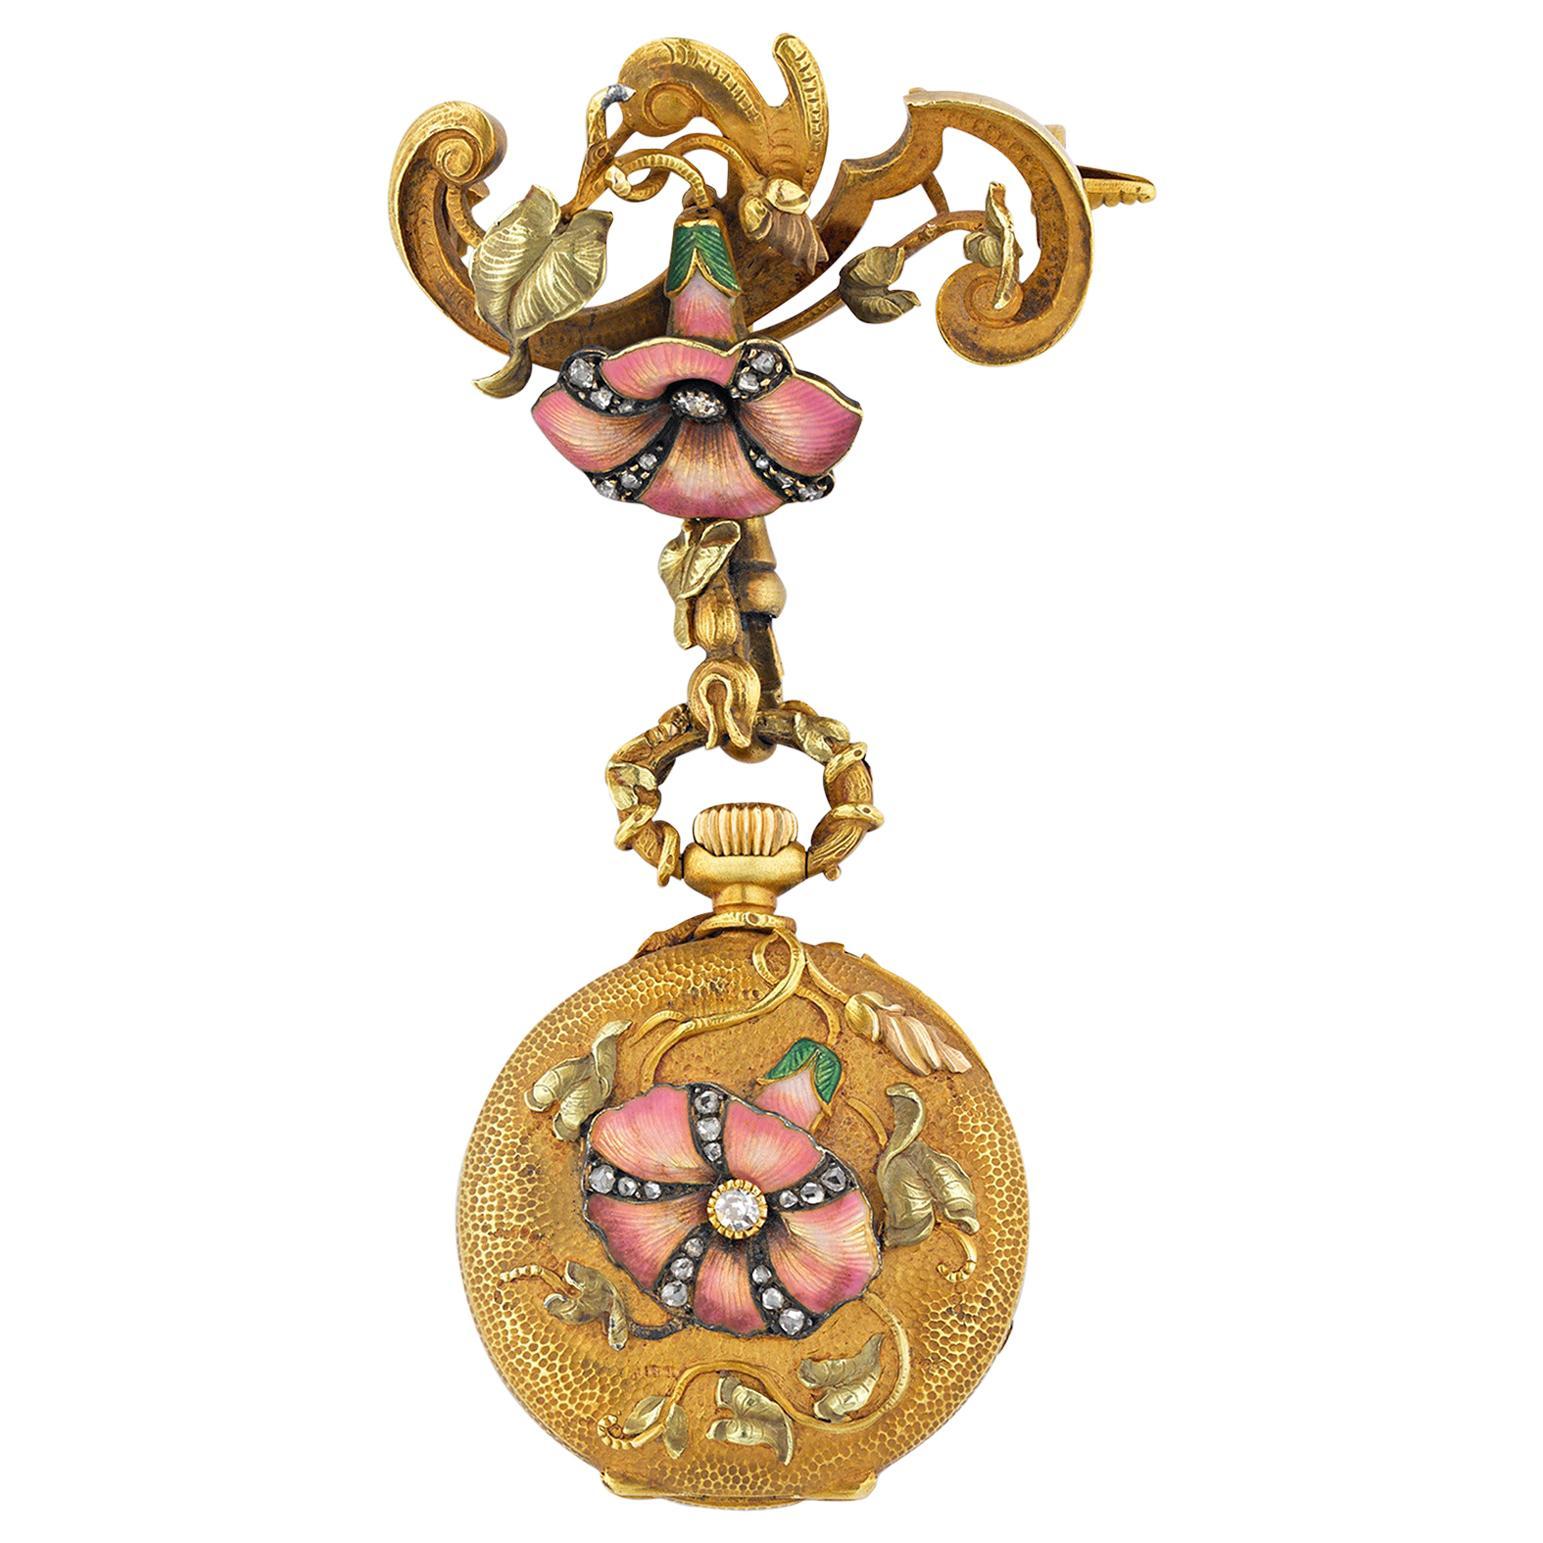 French Art Nouveau Watch Pendant